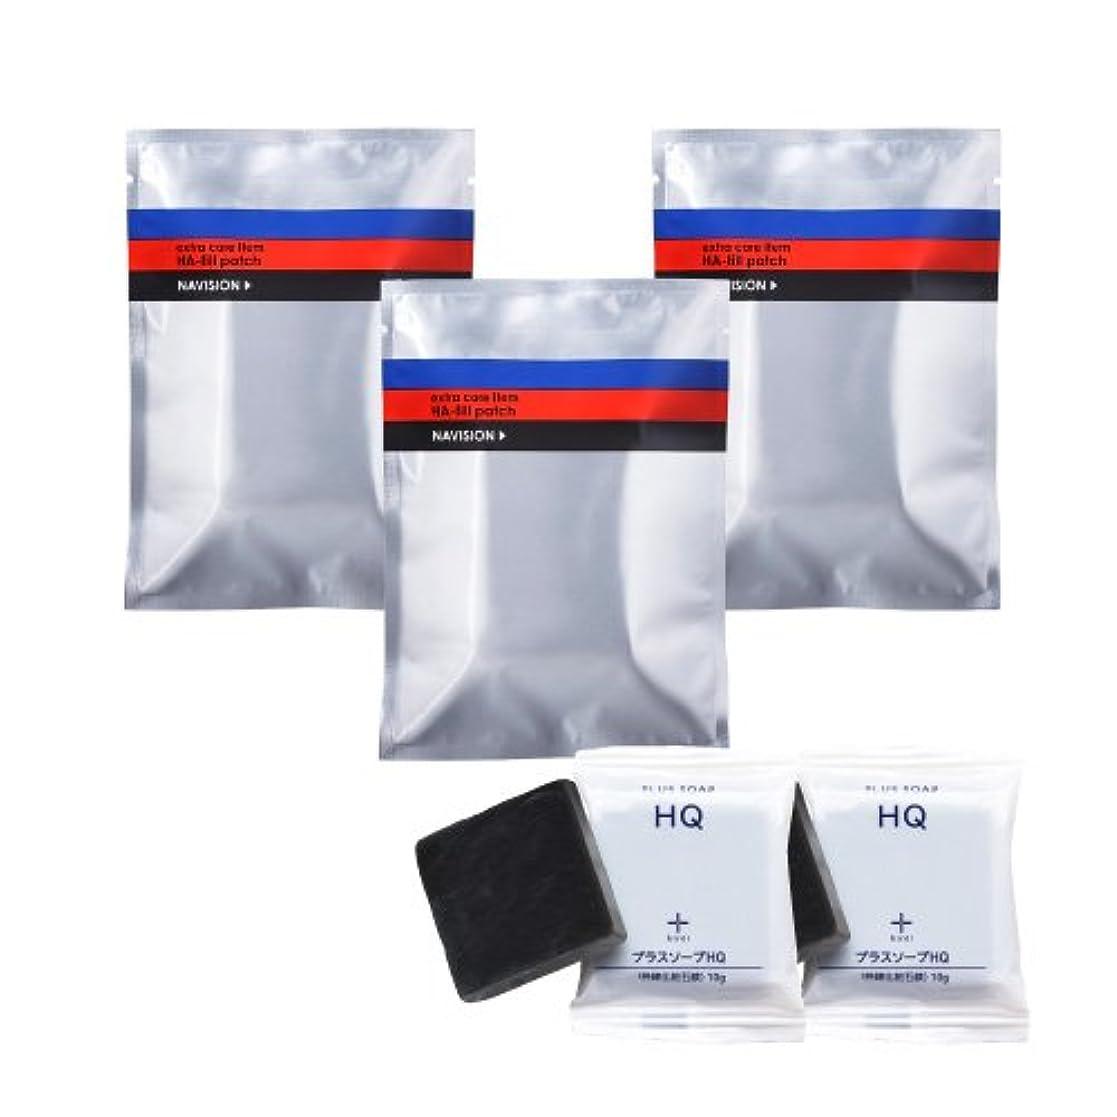 解体する薬を飲むに同意するナビジョン NAVISION HAフィルパッチ(2枚×3包入) (3個+ミニソープ2個セット)